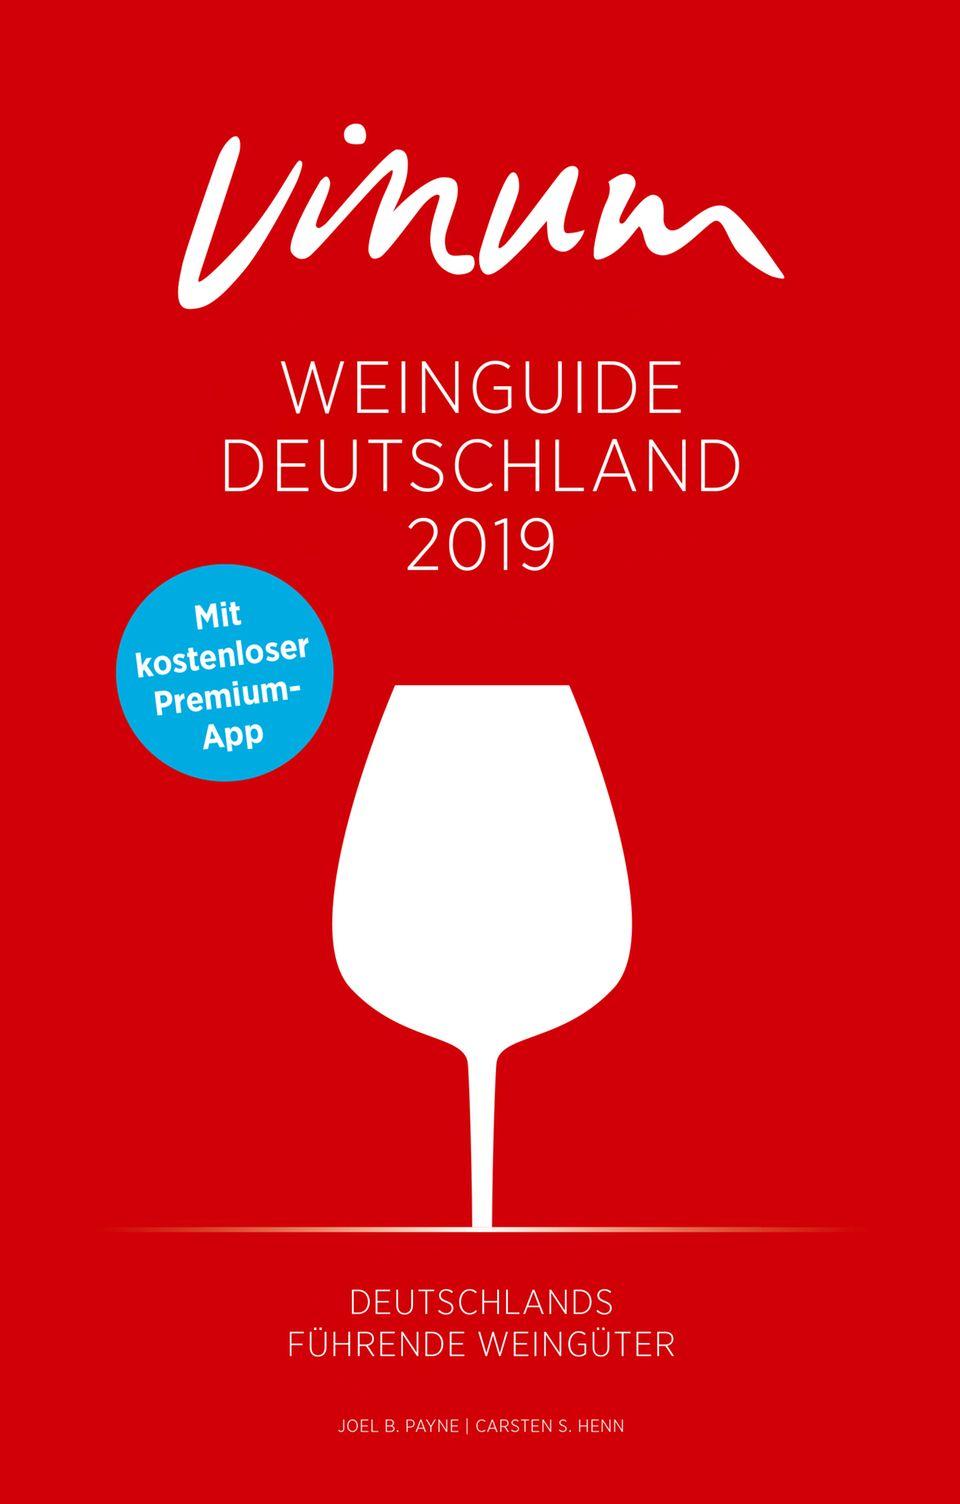 Mehr zum Thema Wein im aktuellen Weinguide von Vinum